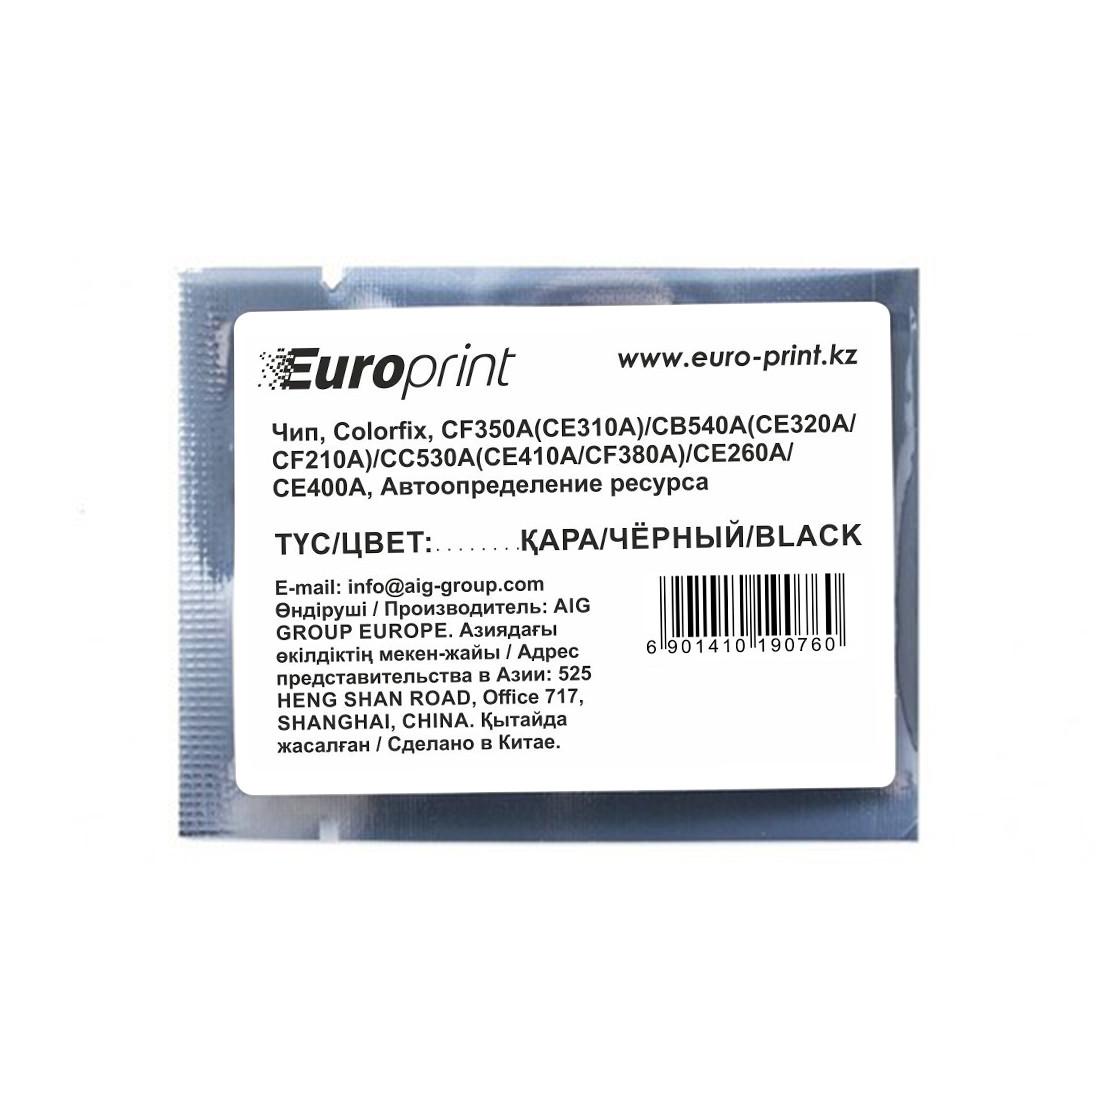 Чип Europrint HP CF350A(CE310A)/CB540A(CE320A/CF210A)/CC530A(CE410A/CF380A)/CE260A/CE400A